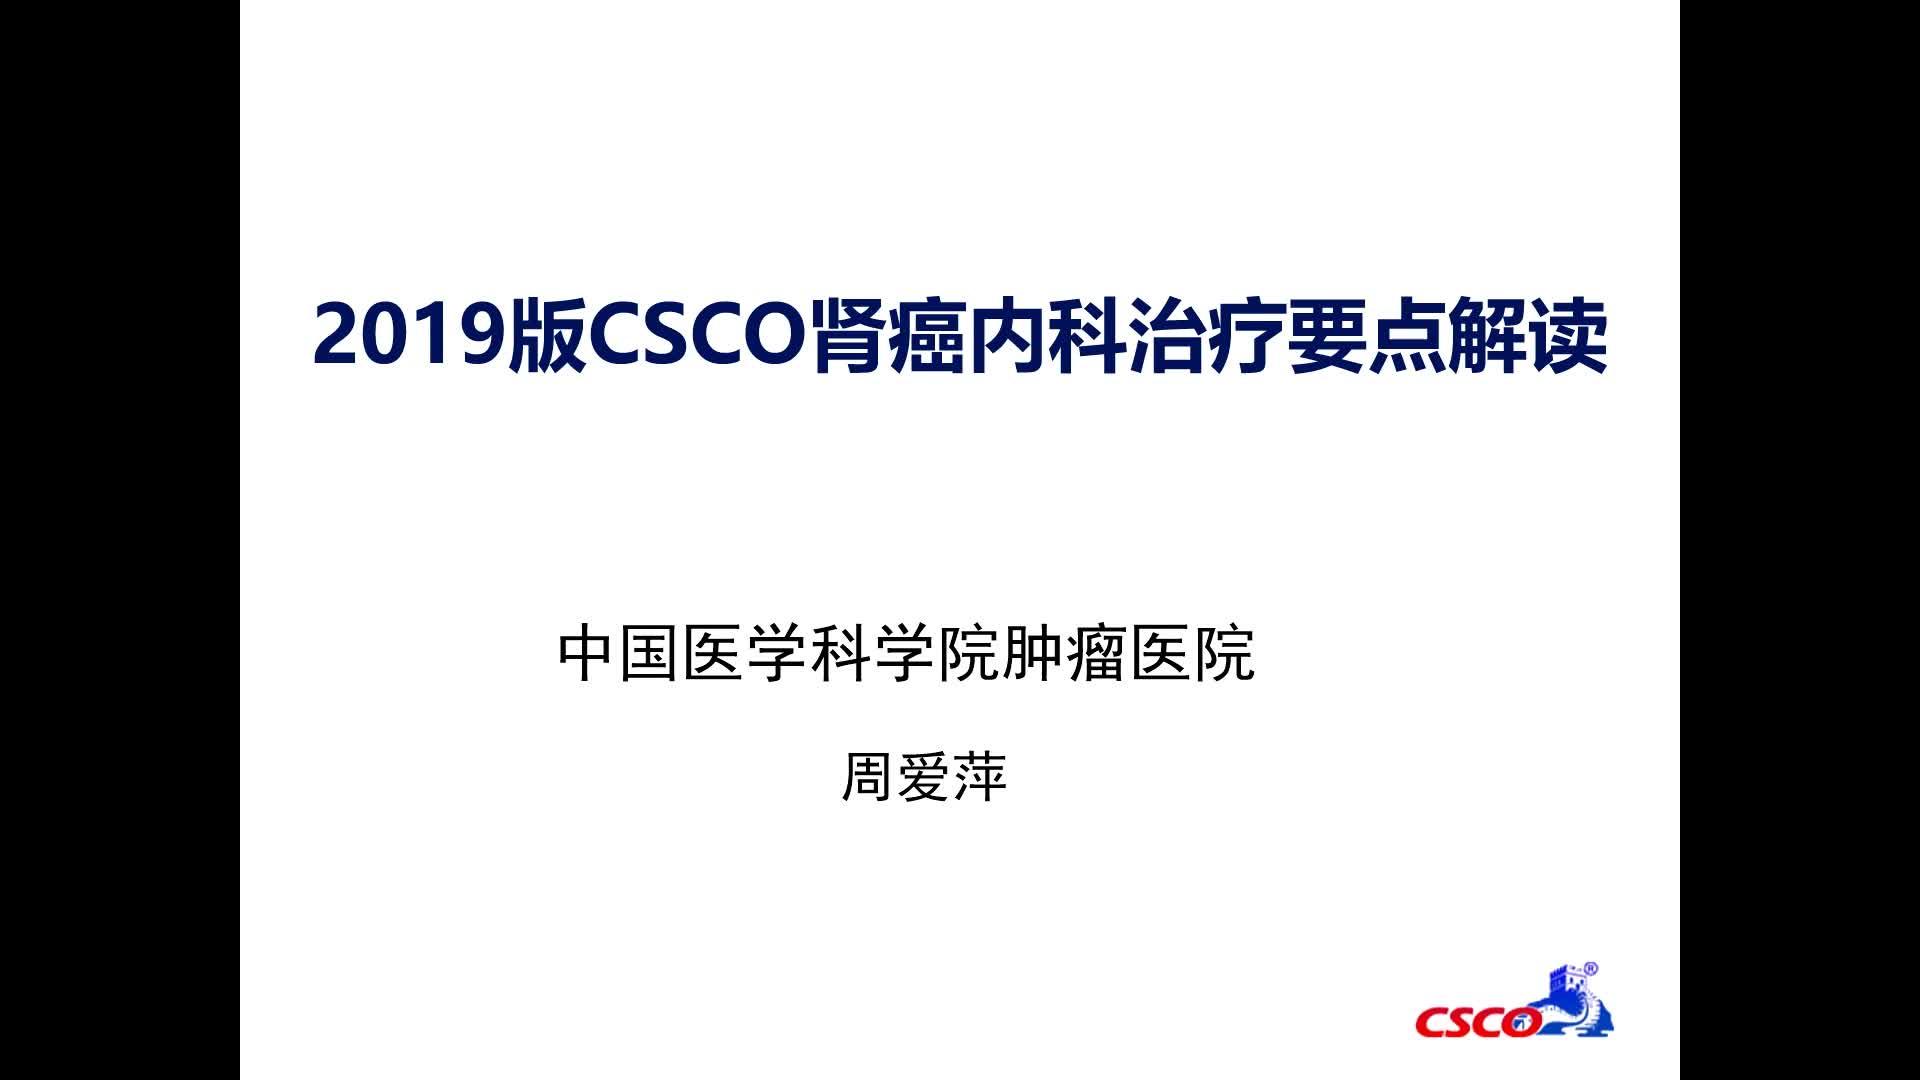 2019CSCO肾癌指南内科治疗解读